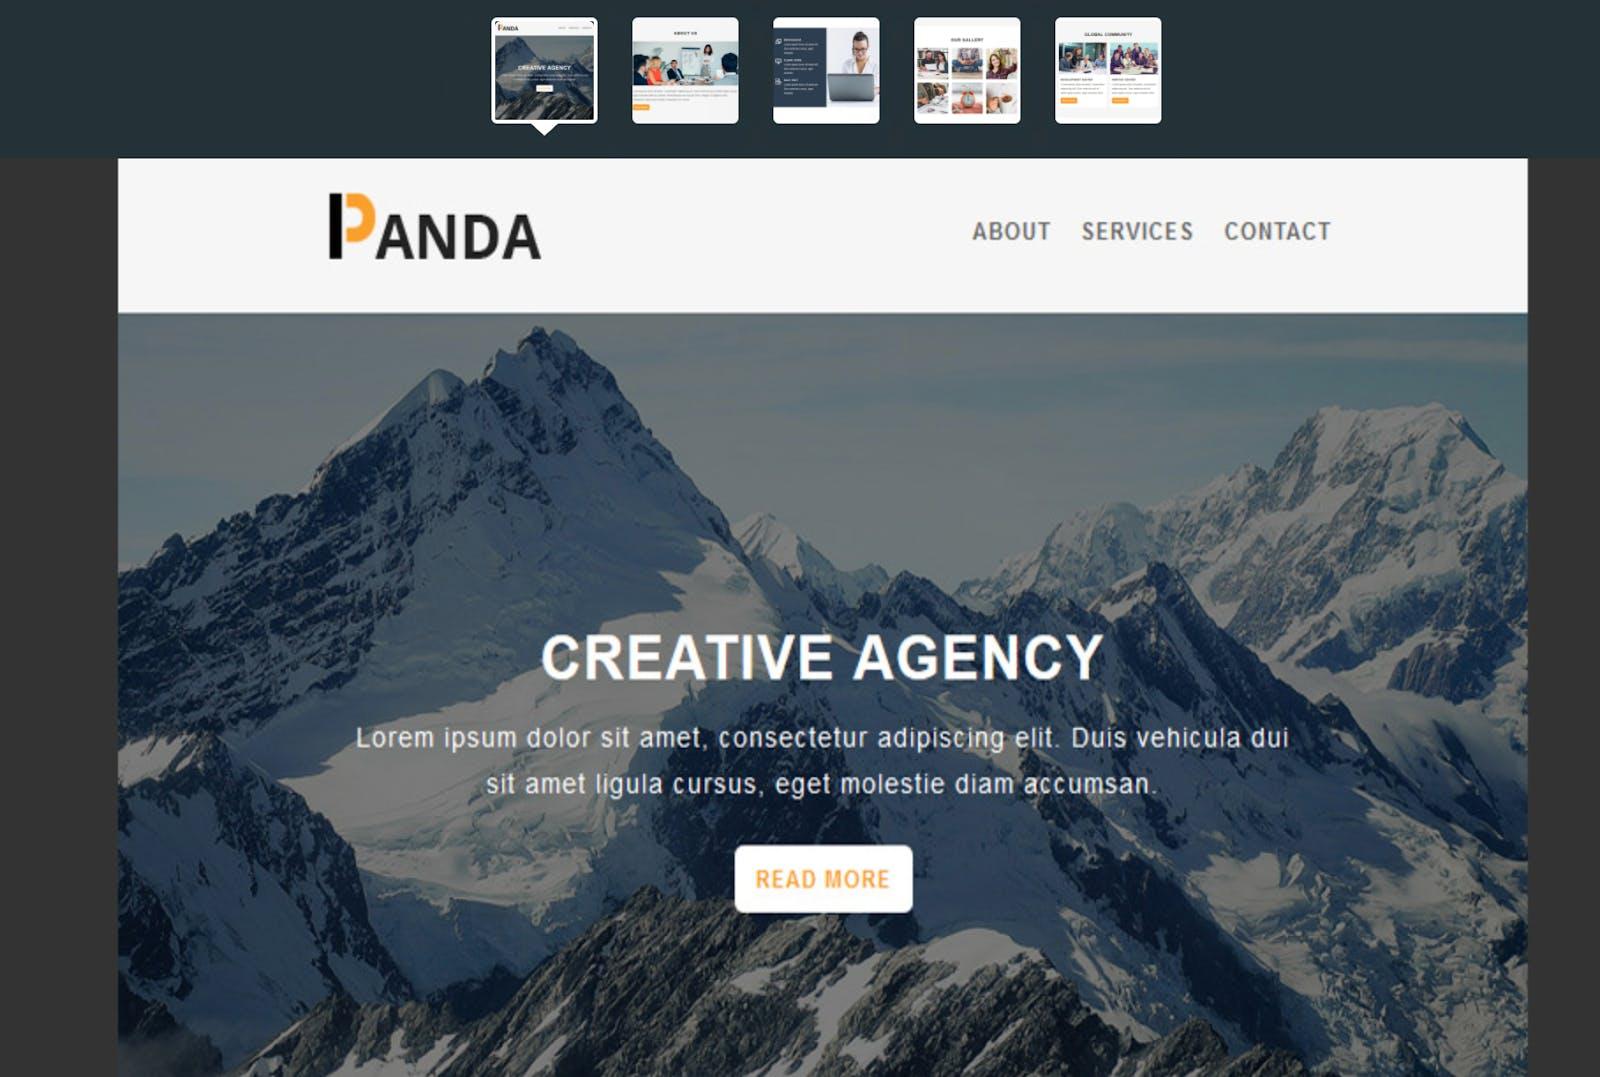 Man sieht ein internes Newsletter Template für Panda-Mitarbeiter, das mit TemplateMonster erstellt wurde.